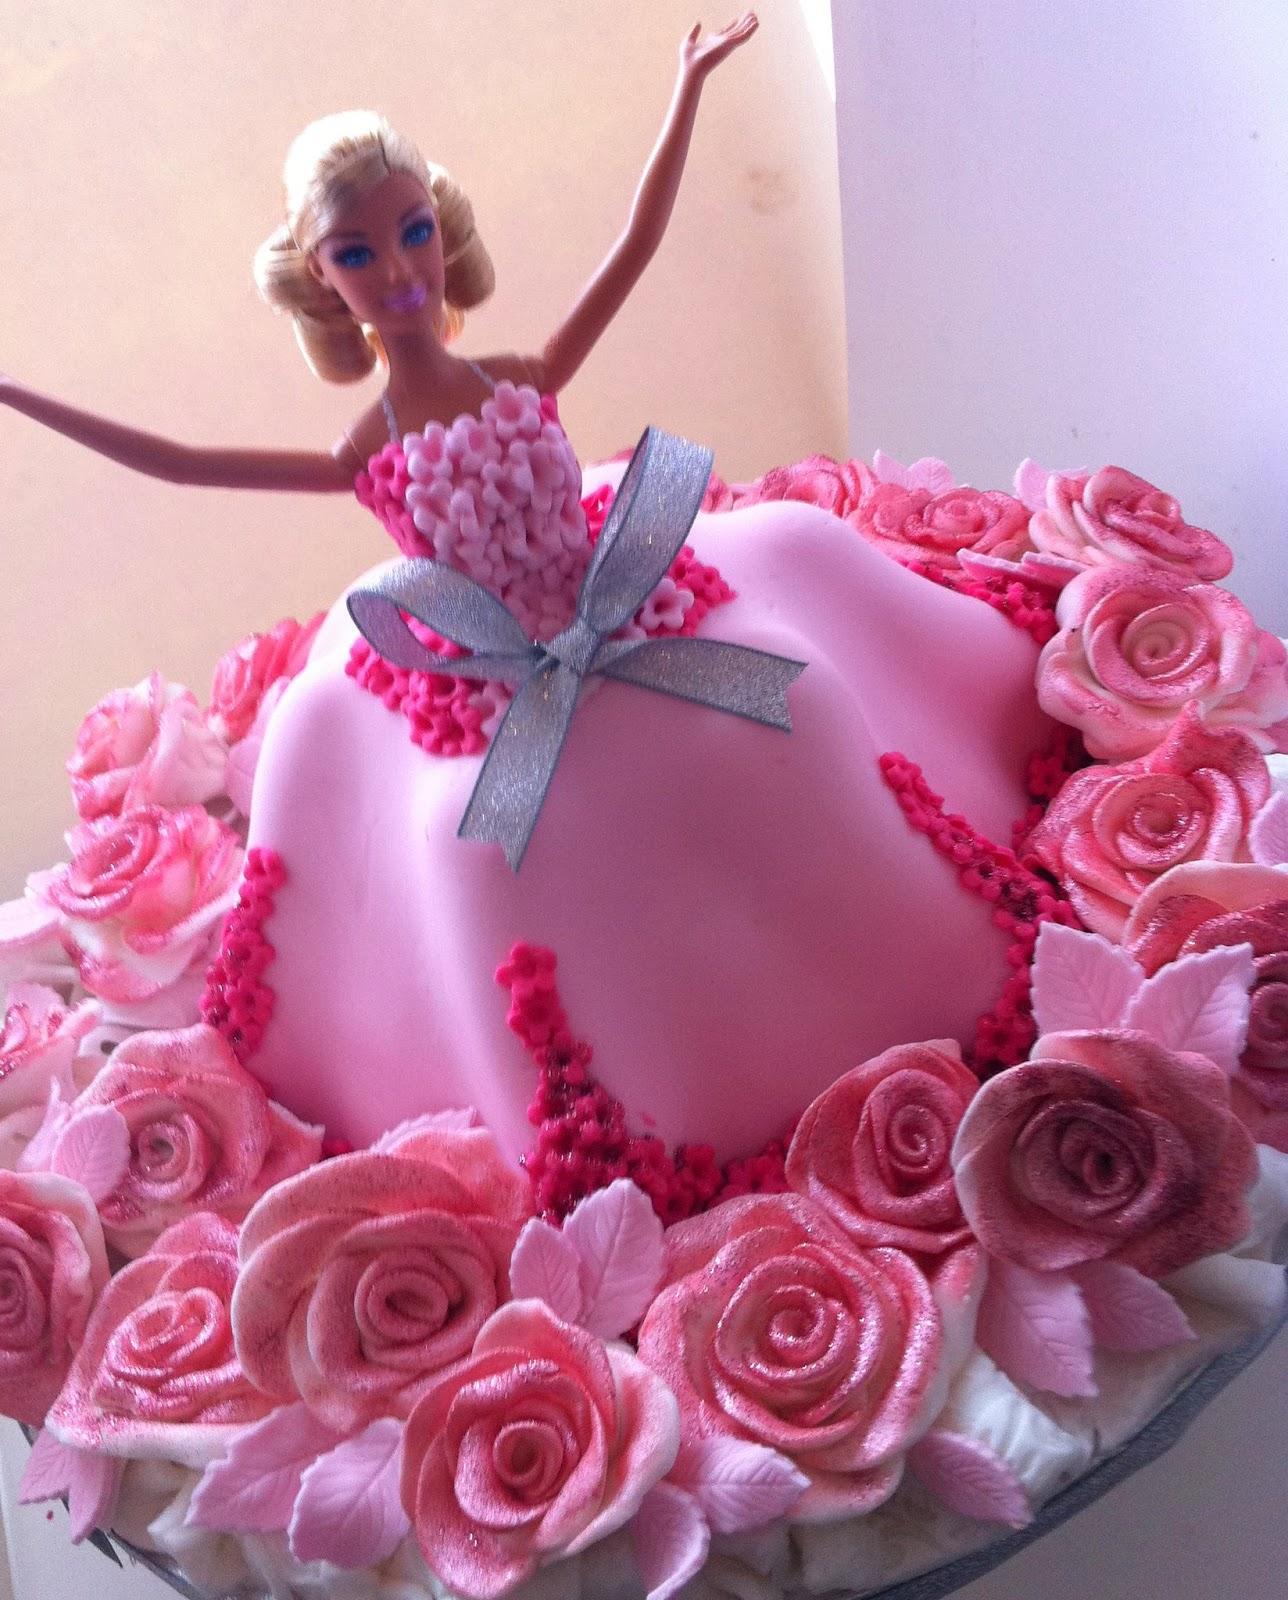 Iced Out Company Cakes!: Barbie Princess Cake!